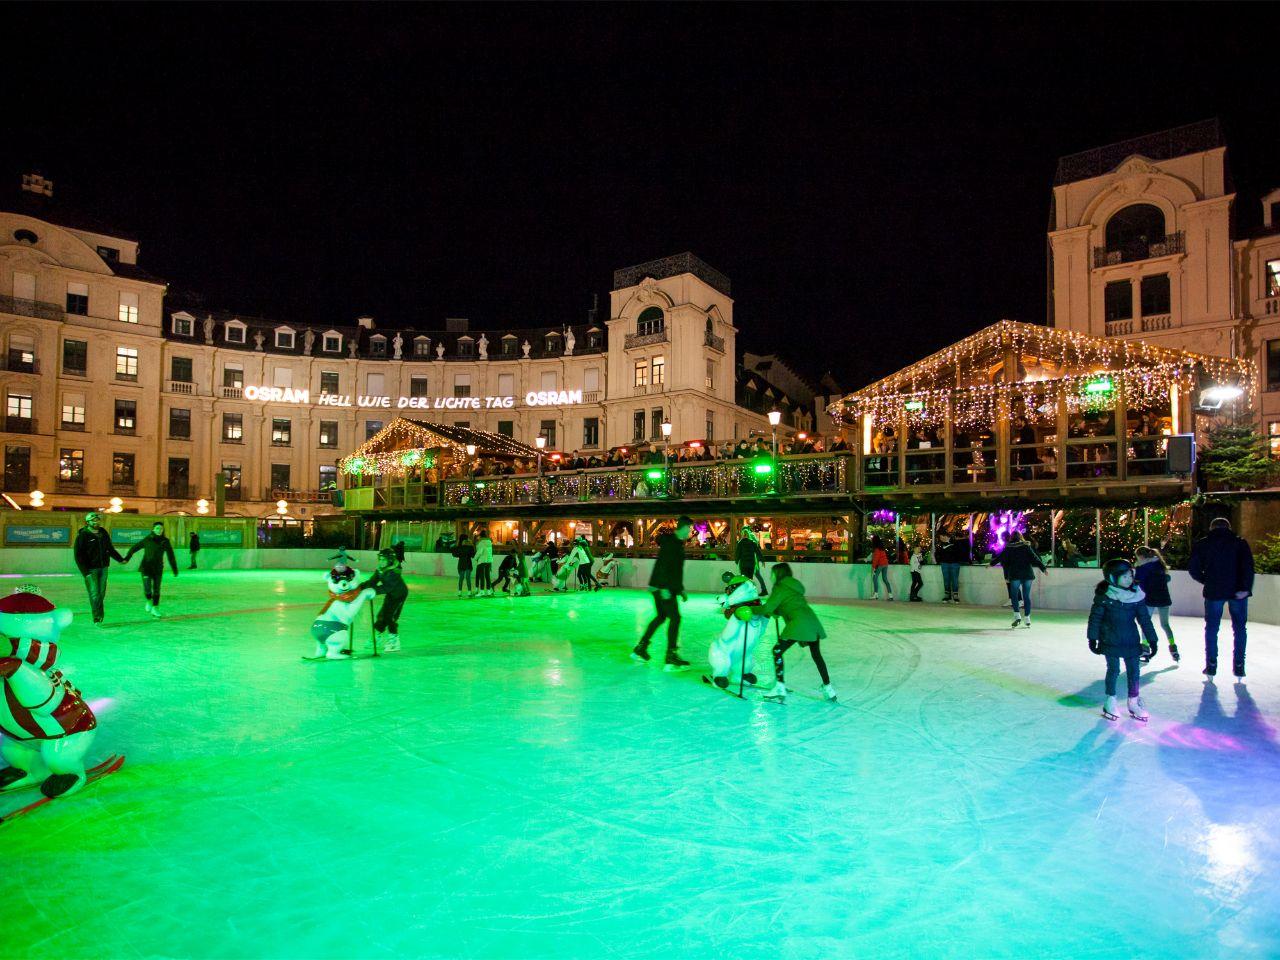 Schlittschuhlaufen Berlin Weihnachtsmarkt.Eiszauber München Eislaufen Stachus Das Offizielle Stadtportal